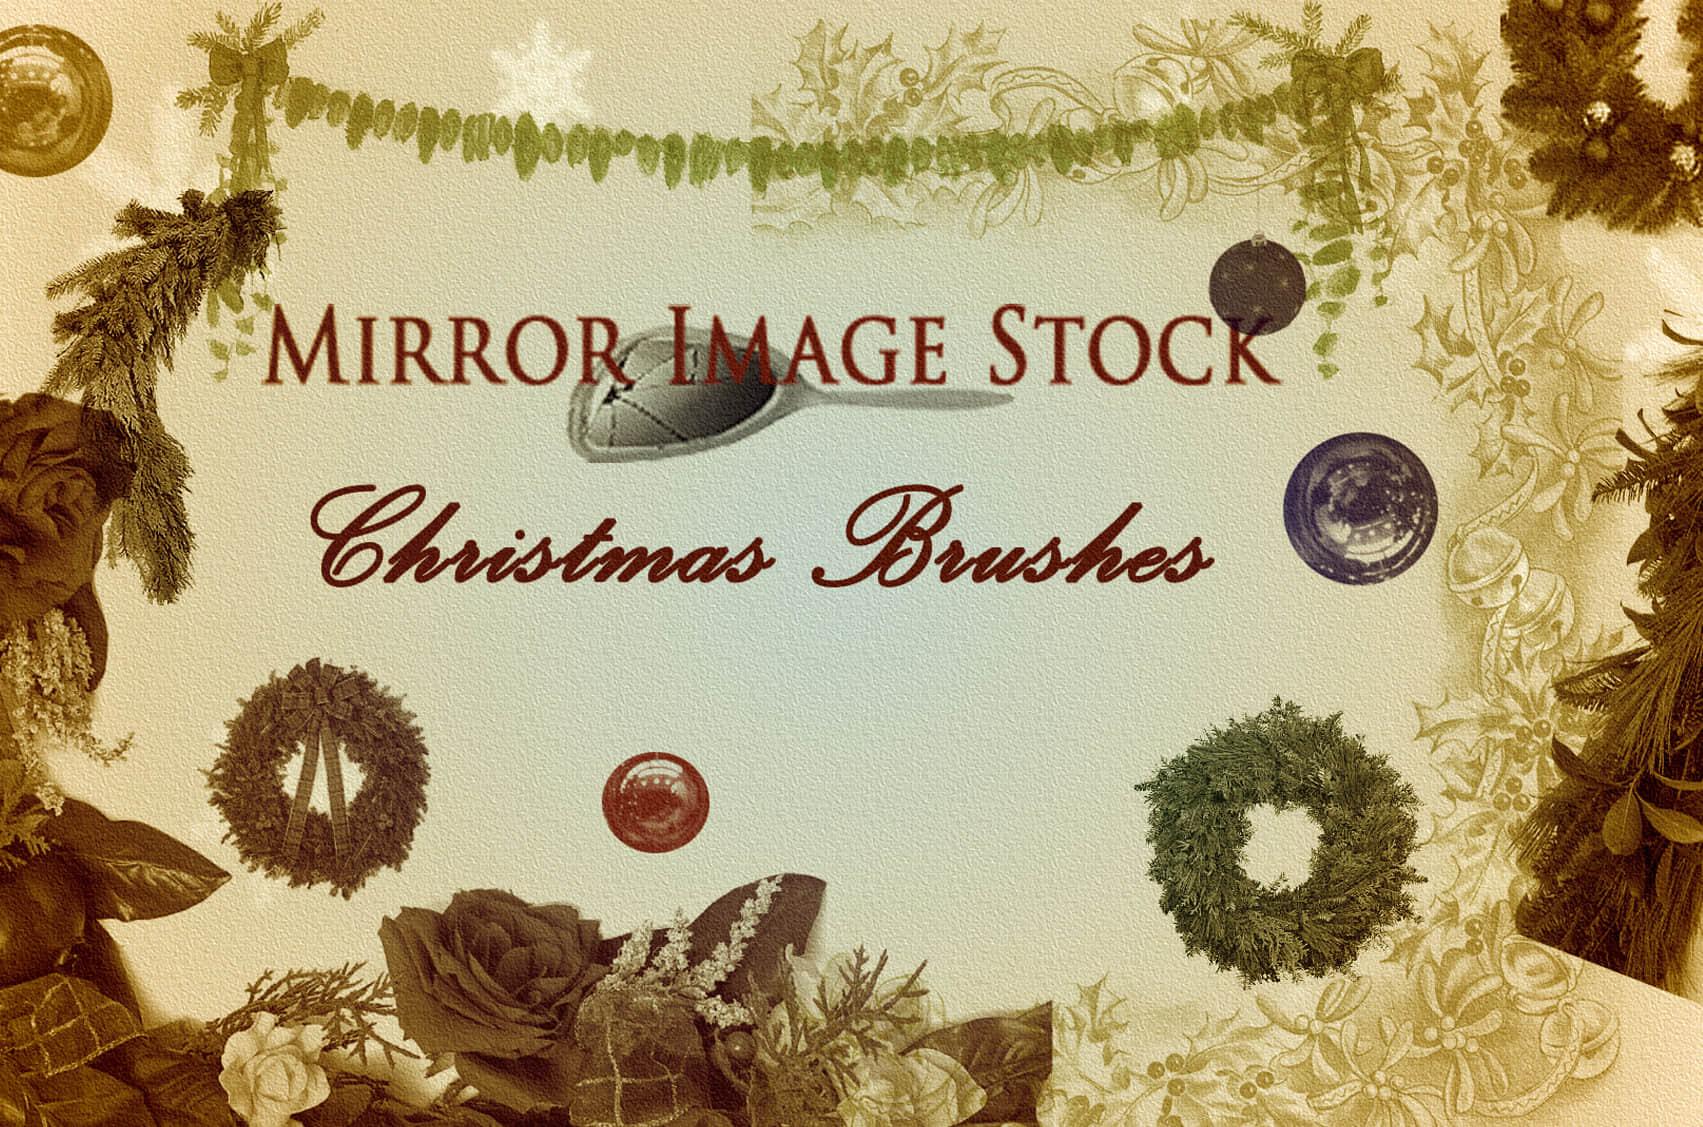 快乐圣诞节装饰Photoshop节日笔刷 节日笔刷 圣诞节笔刷  adornment brushes